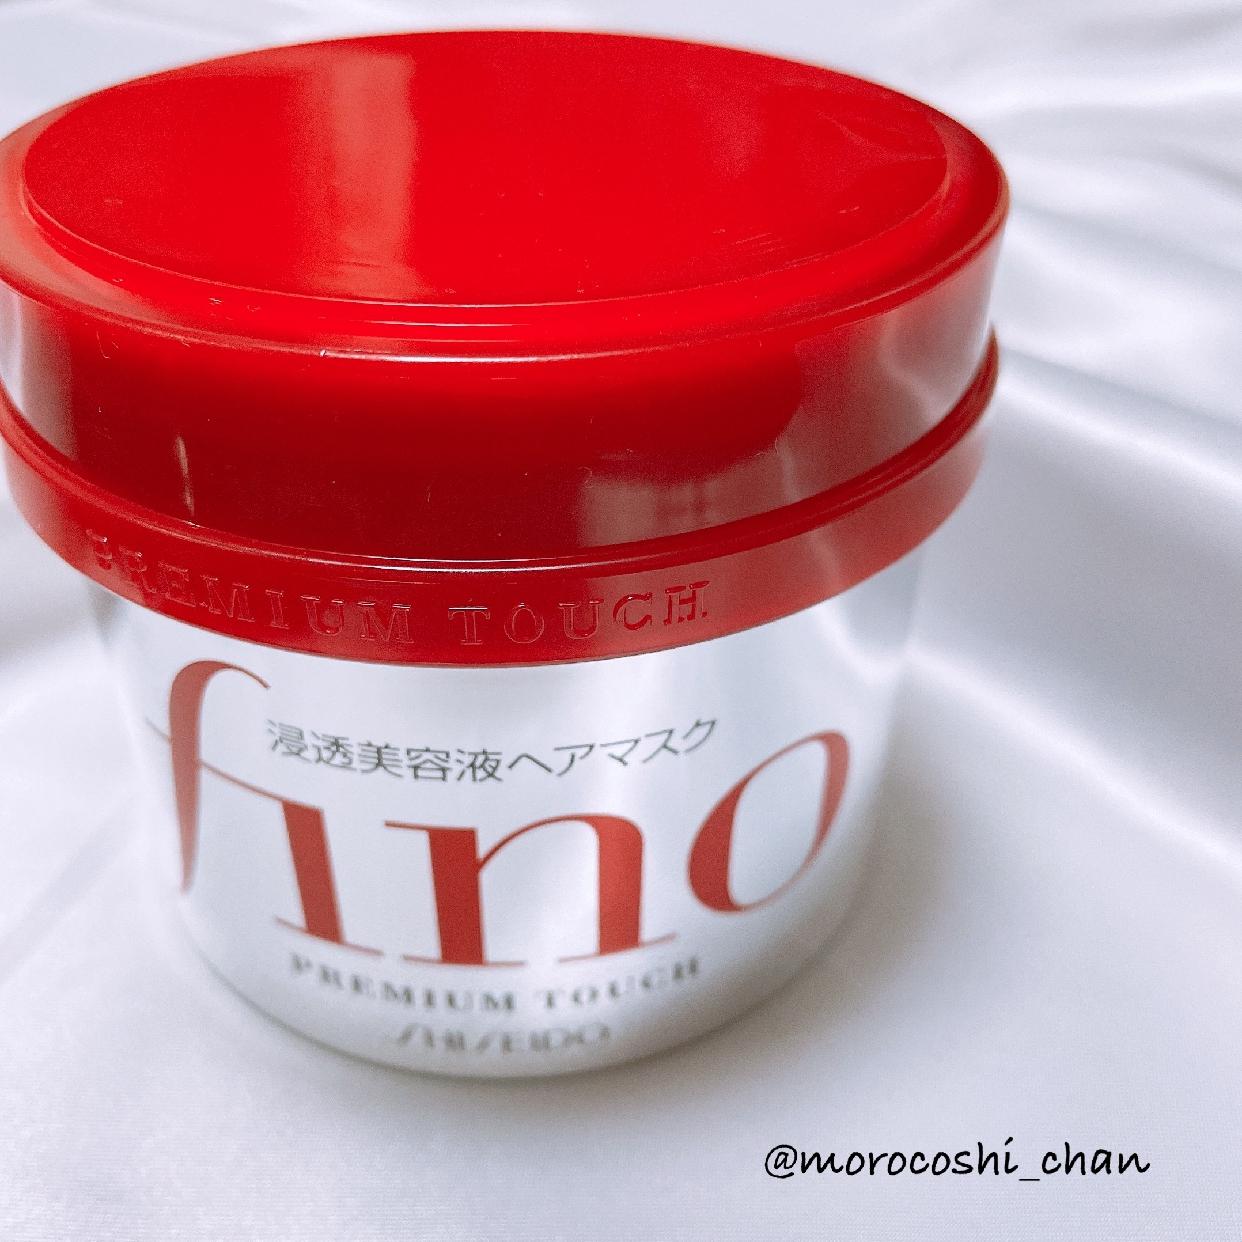 fino(フィーノ) プレミアムタッチ 浸透美容液ヘアマスクを使ったもろこしちゃん🌽さんのクチコミ画像1